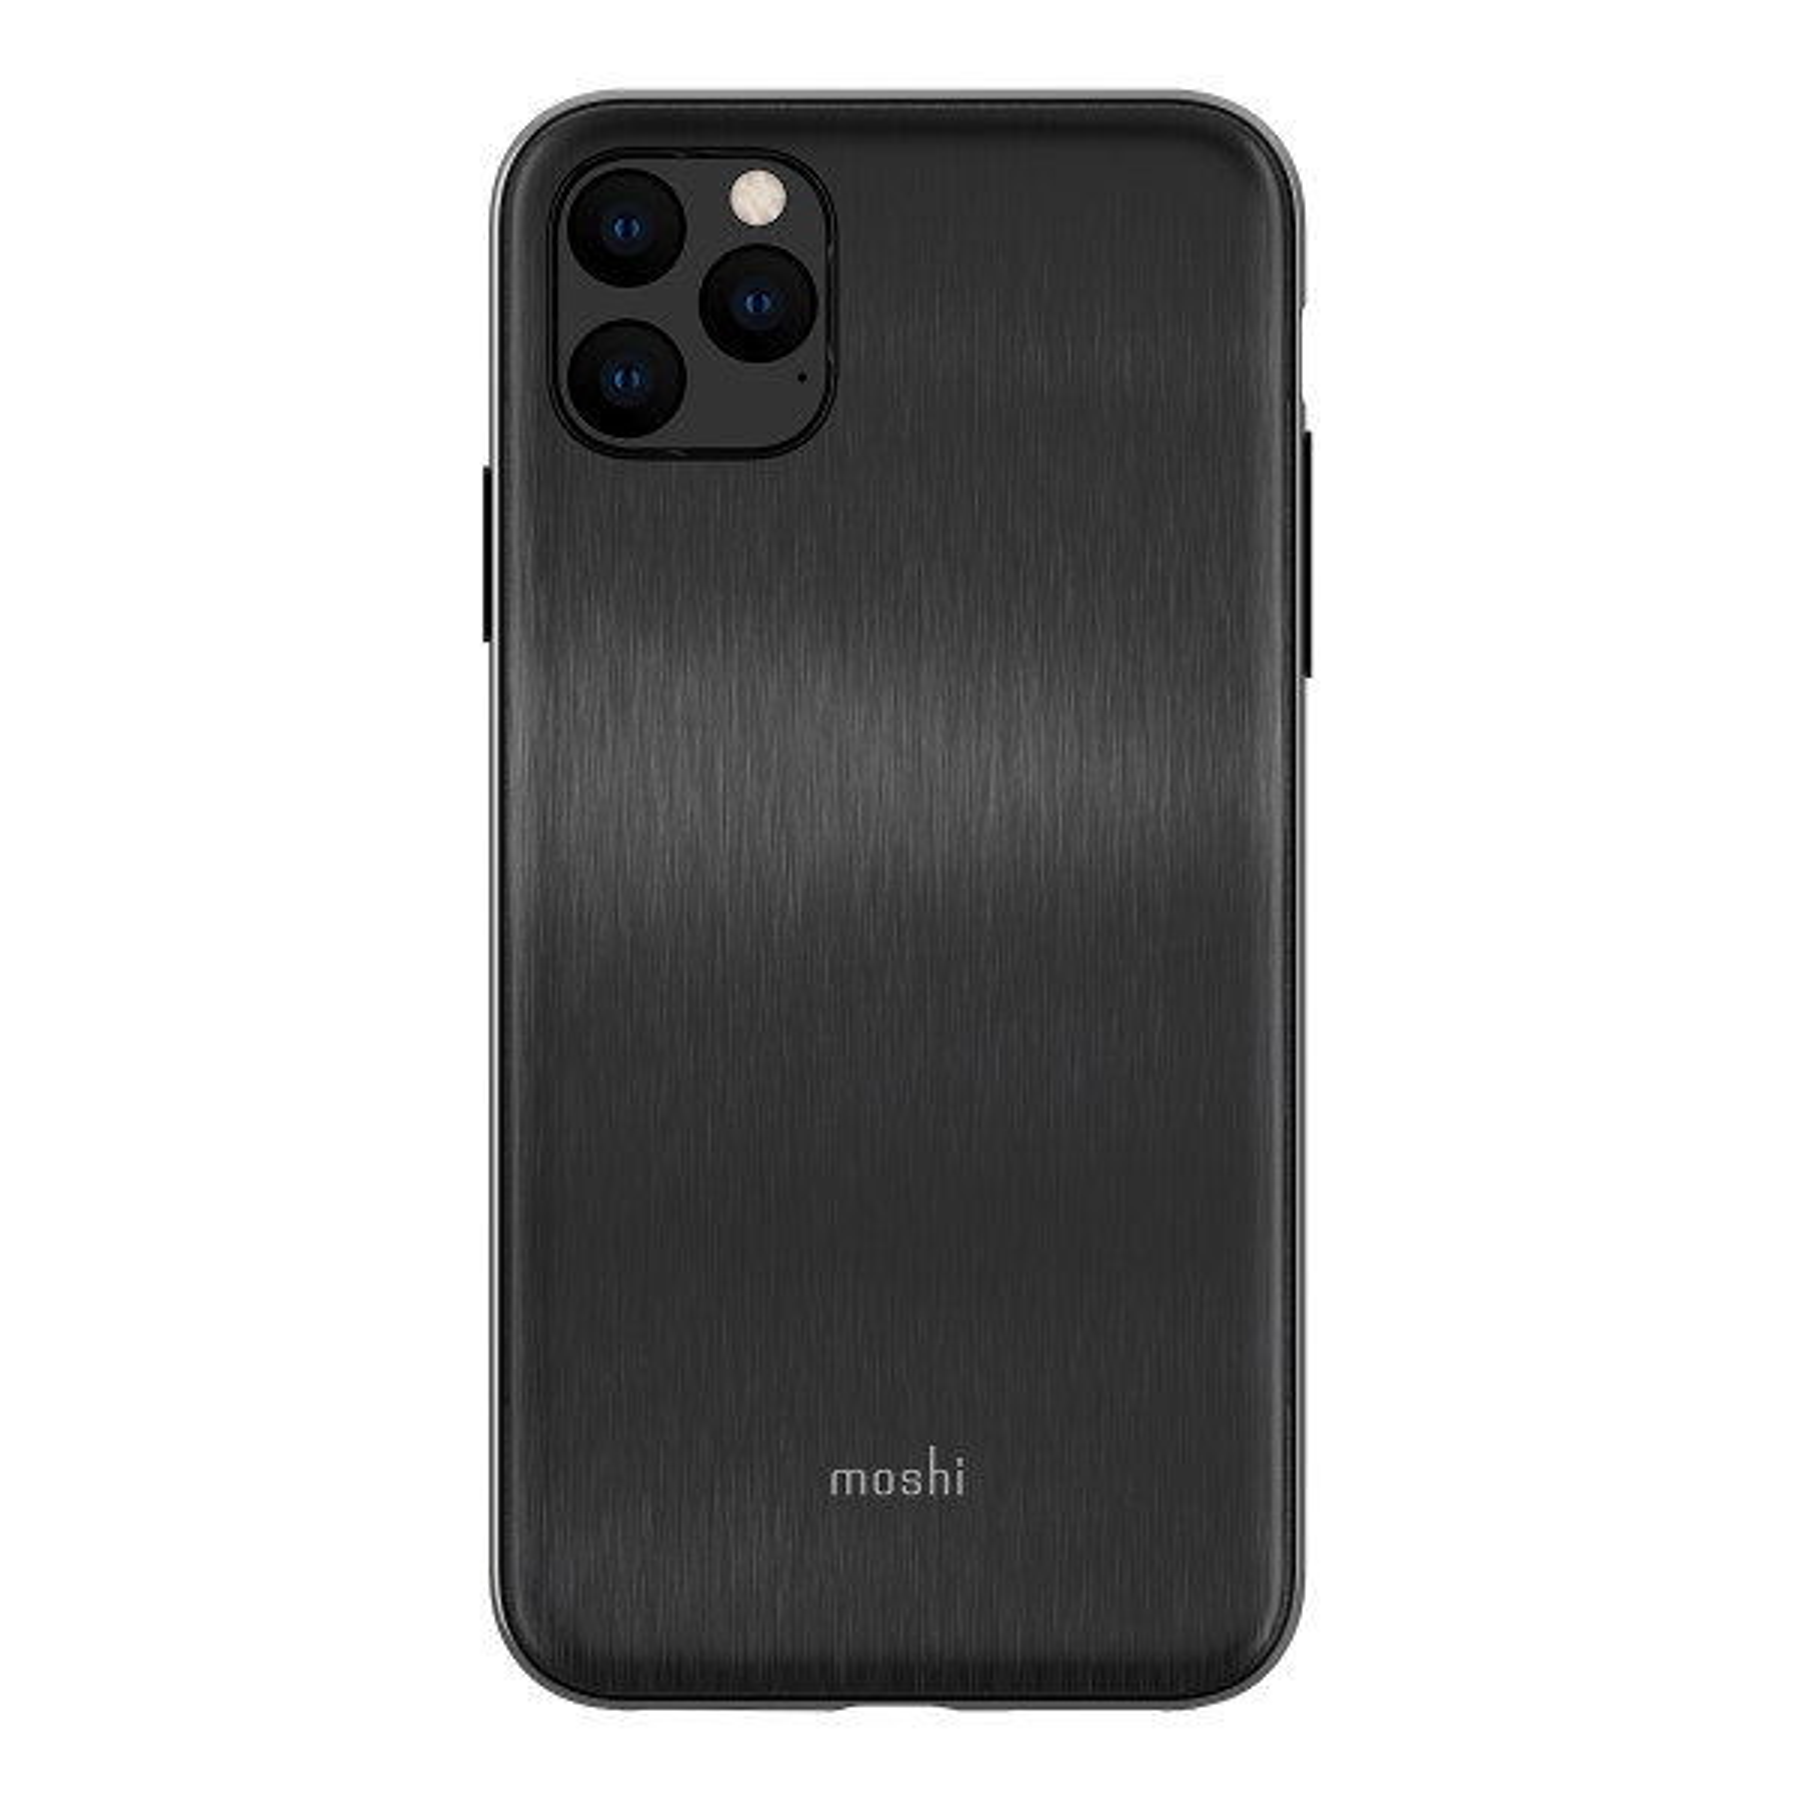 کاور موشی مدل iGlaze مناسب برای گوشی موبایل اپل iPhone 11 pro Max